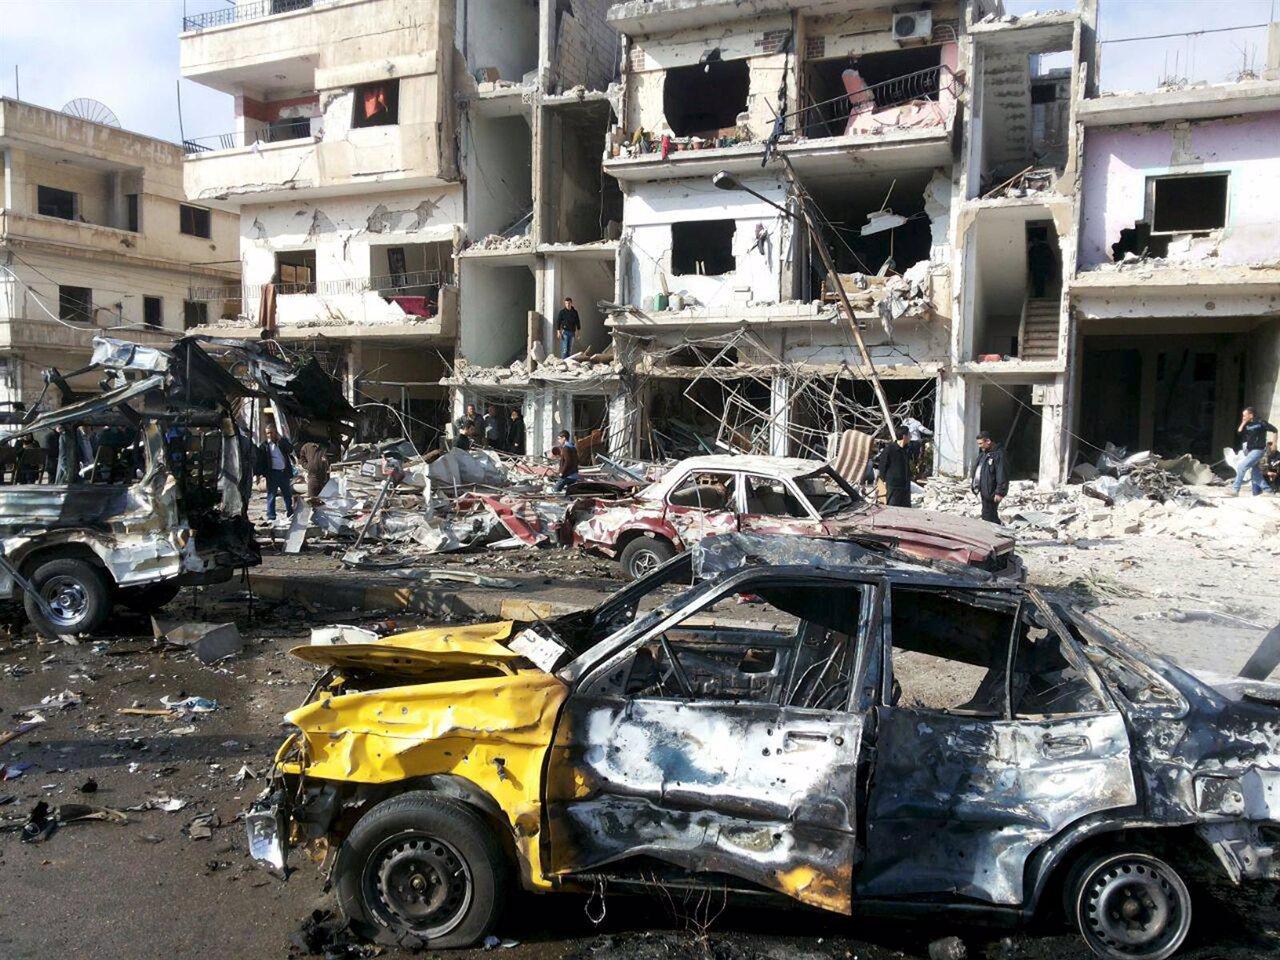 Dos atentados con coches bomba en Homs, Siria, dejan al menos 46 muertos y 110 h